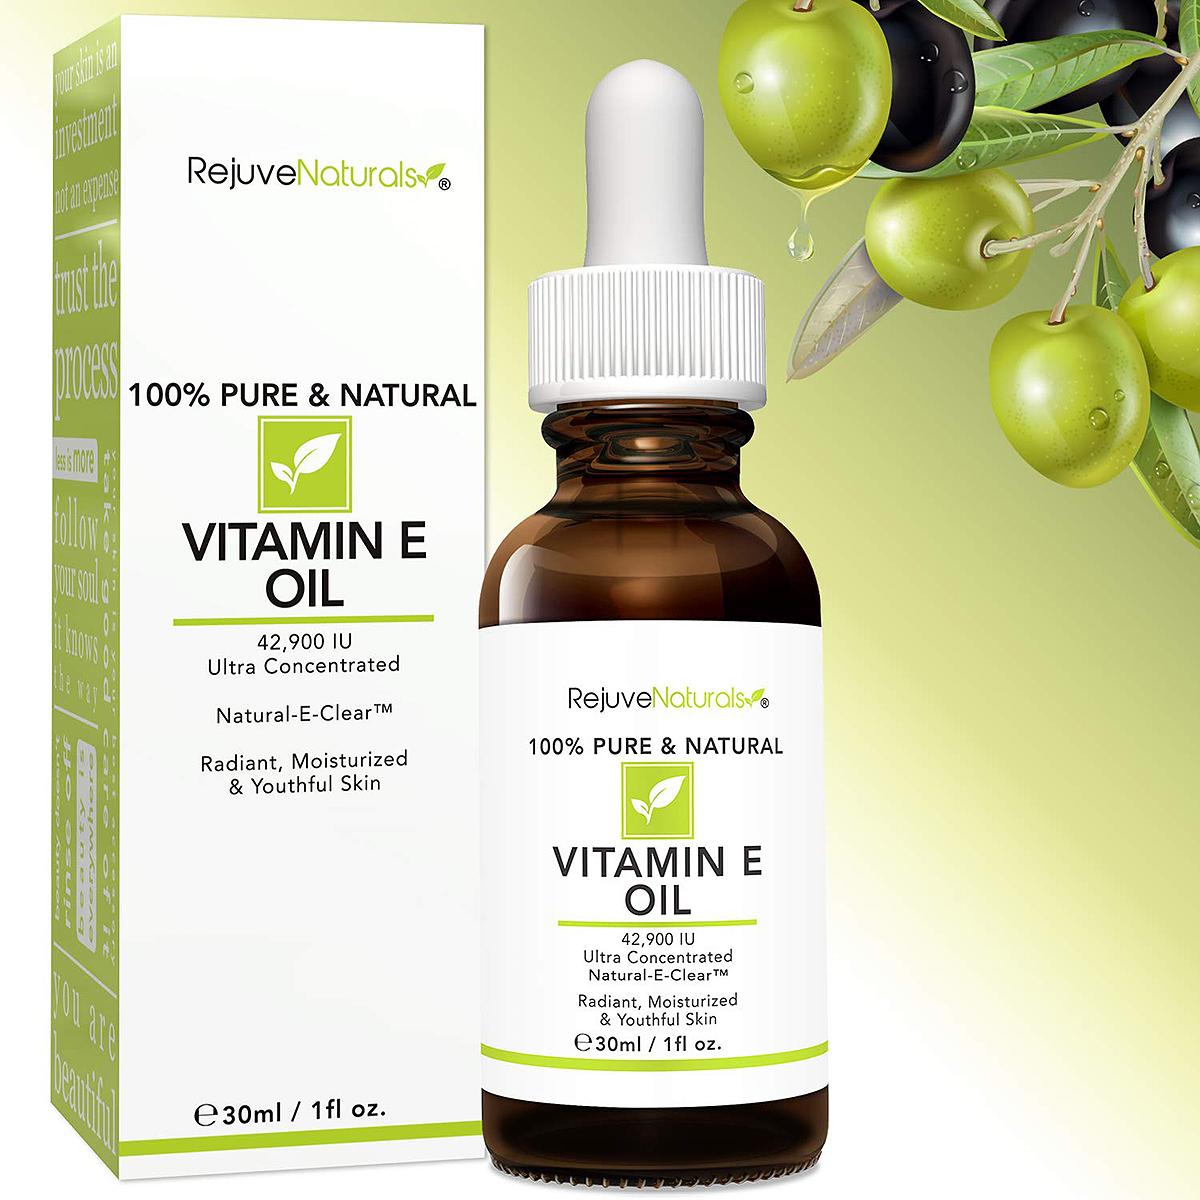 rejuvenaturals-vitamin-e-oil